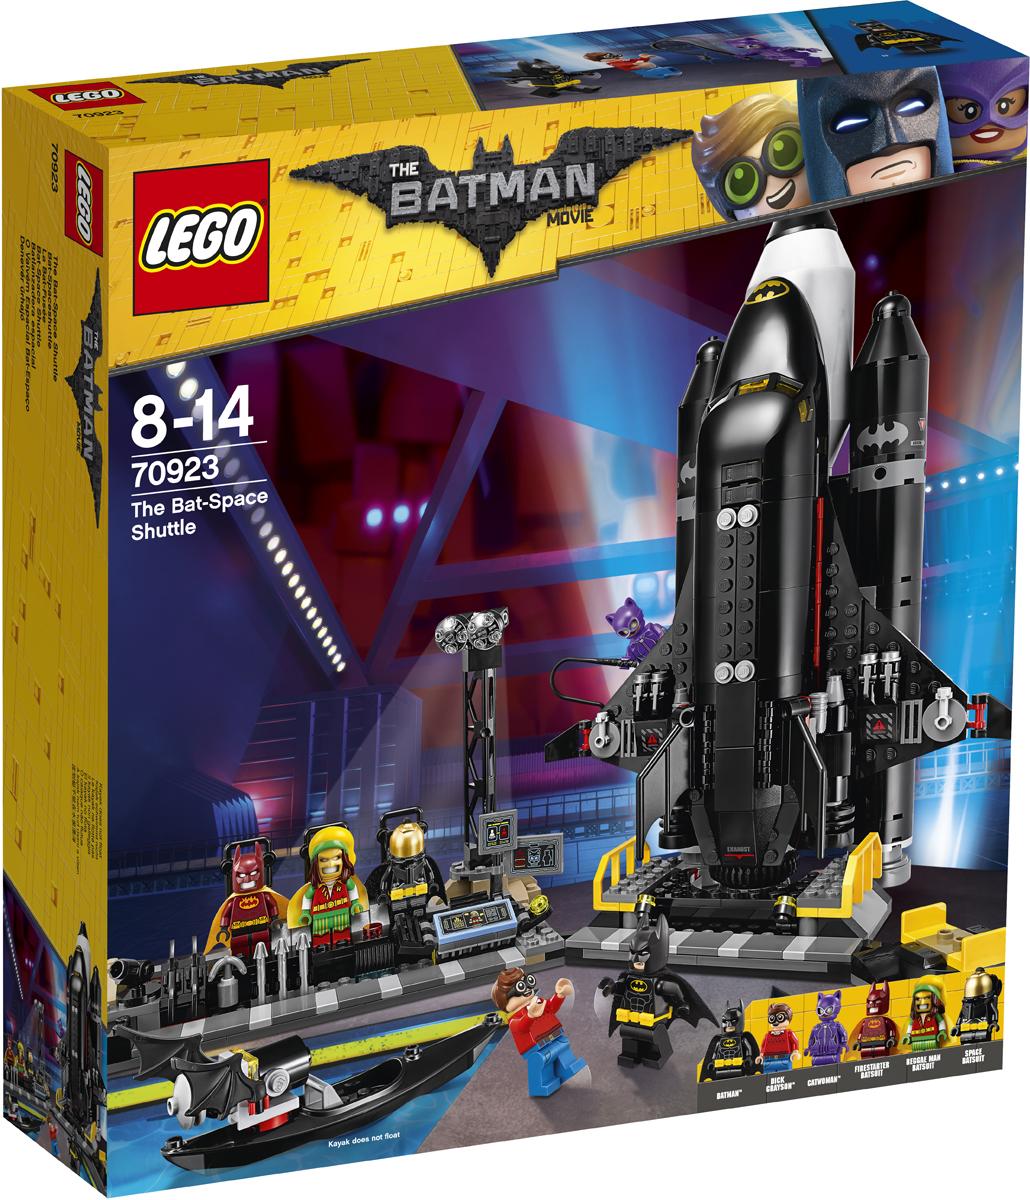 LEGO Batman Movie Конструктор Космический шаттл Бэтмена 70923 обручи тройные на привязку